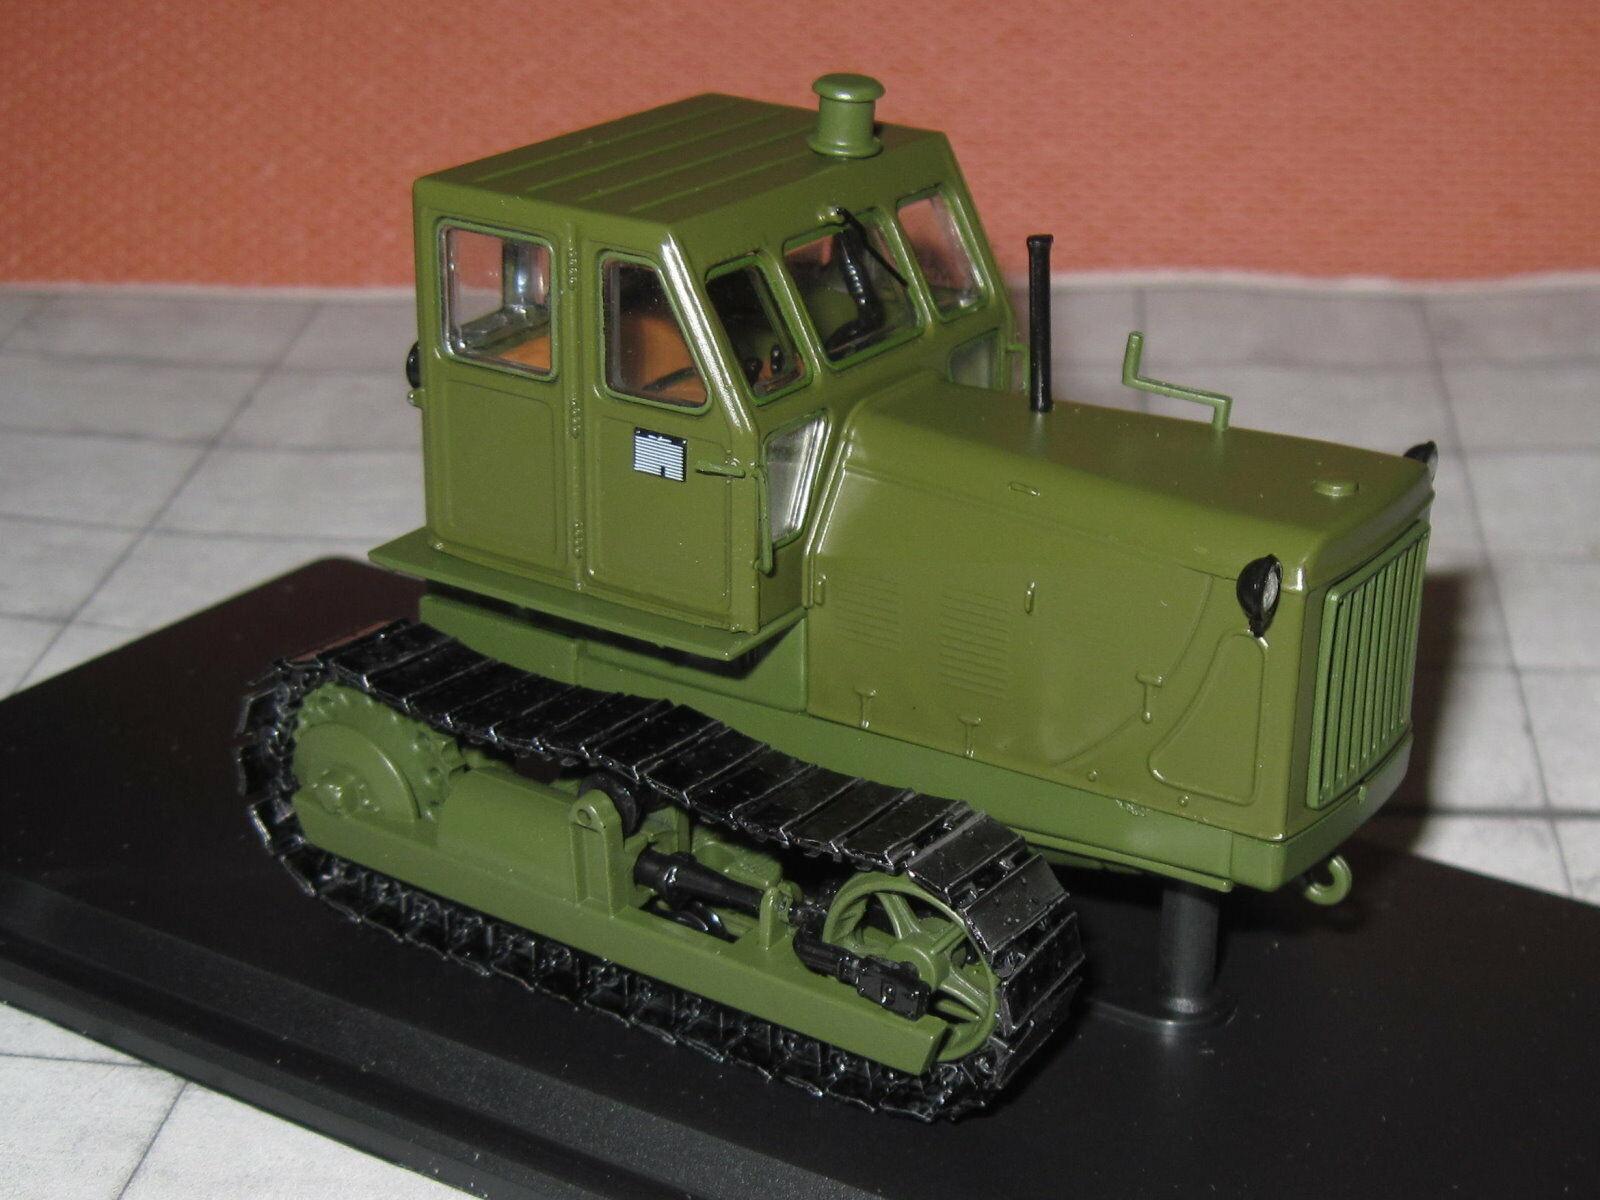 Herpa-SSM 3022 - 1 43 - tractores oruga t-100 - cadenas tractor-verde